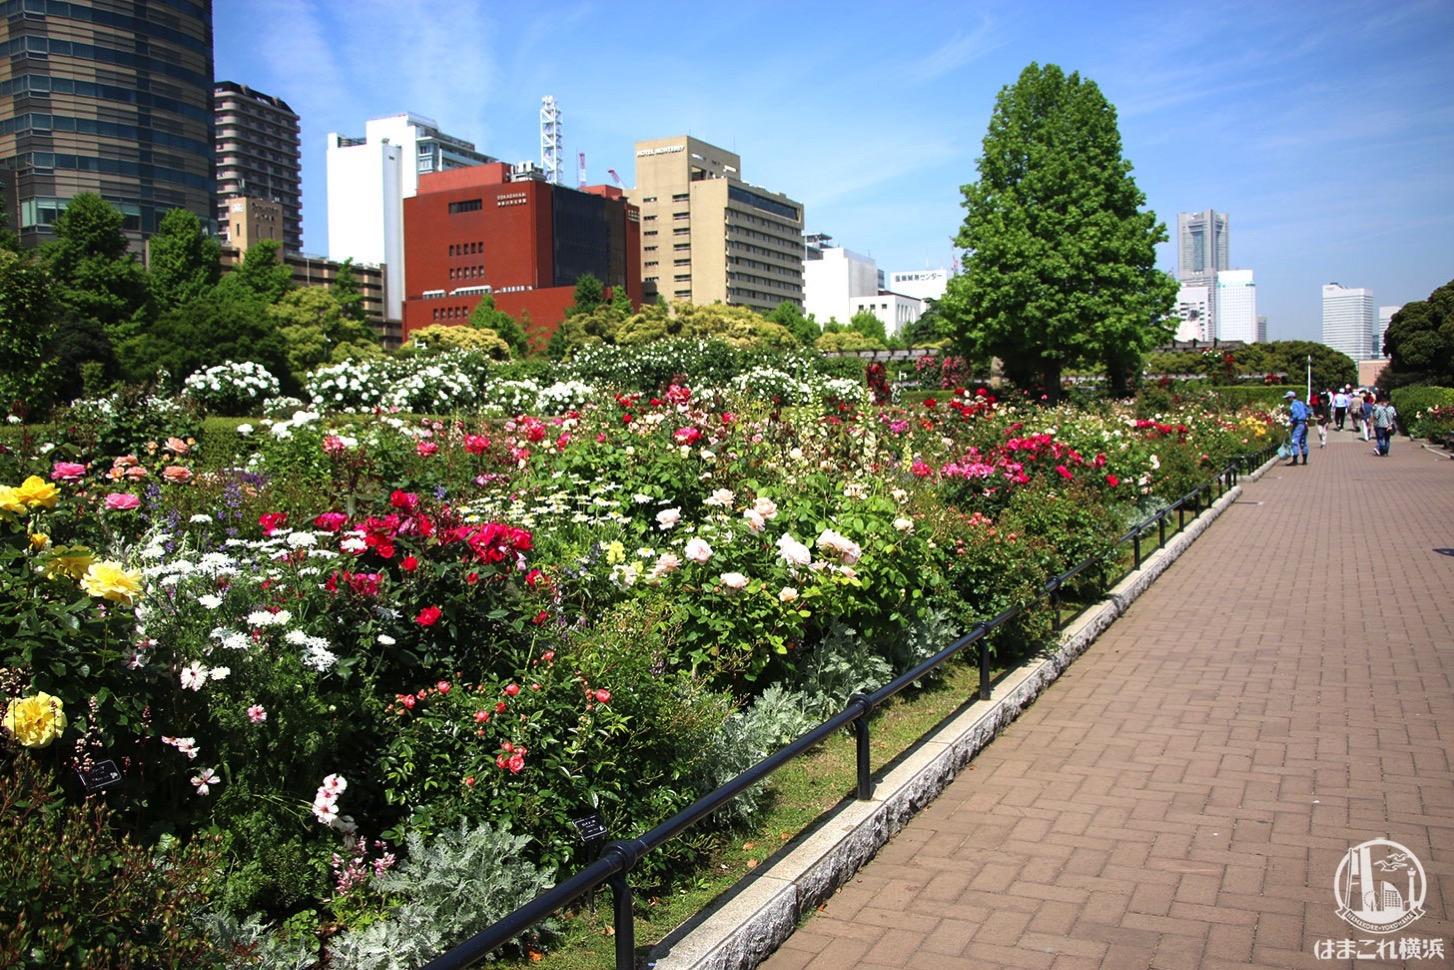 山下公園のバラが見頃で夢中になった!横浜観光ベストスポット